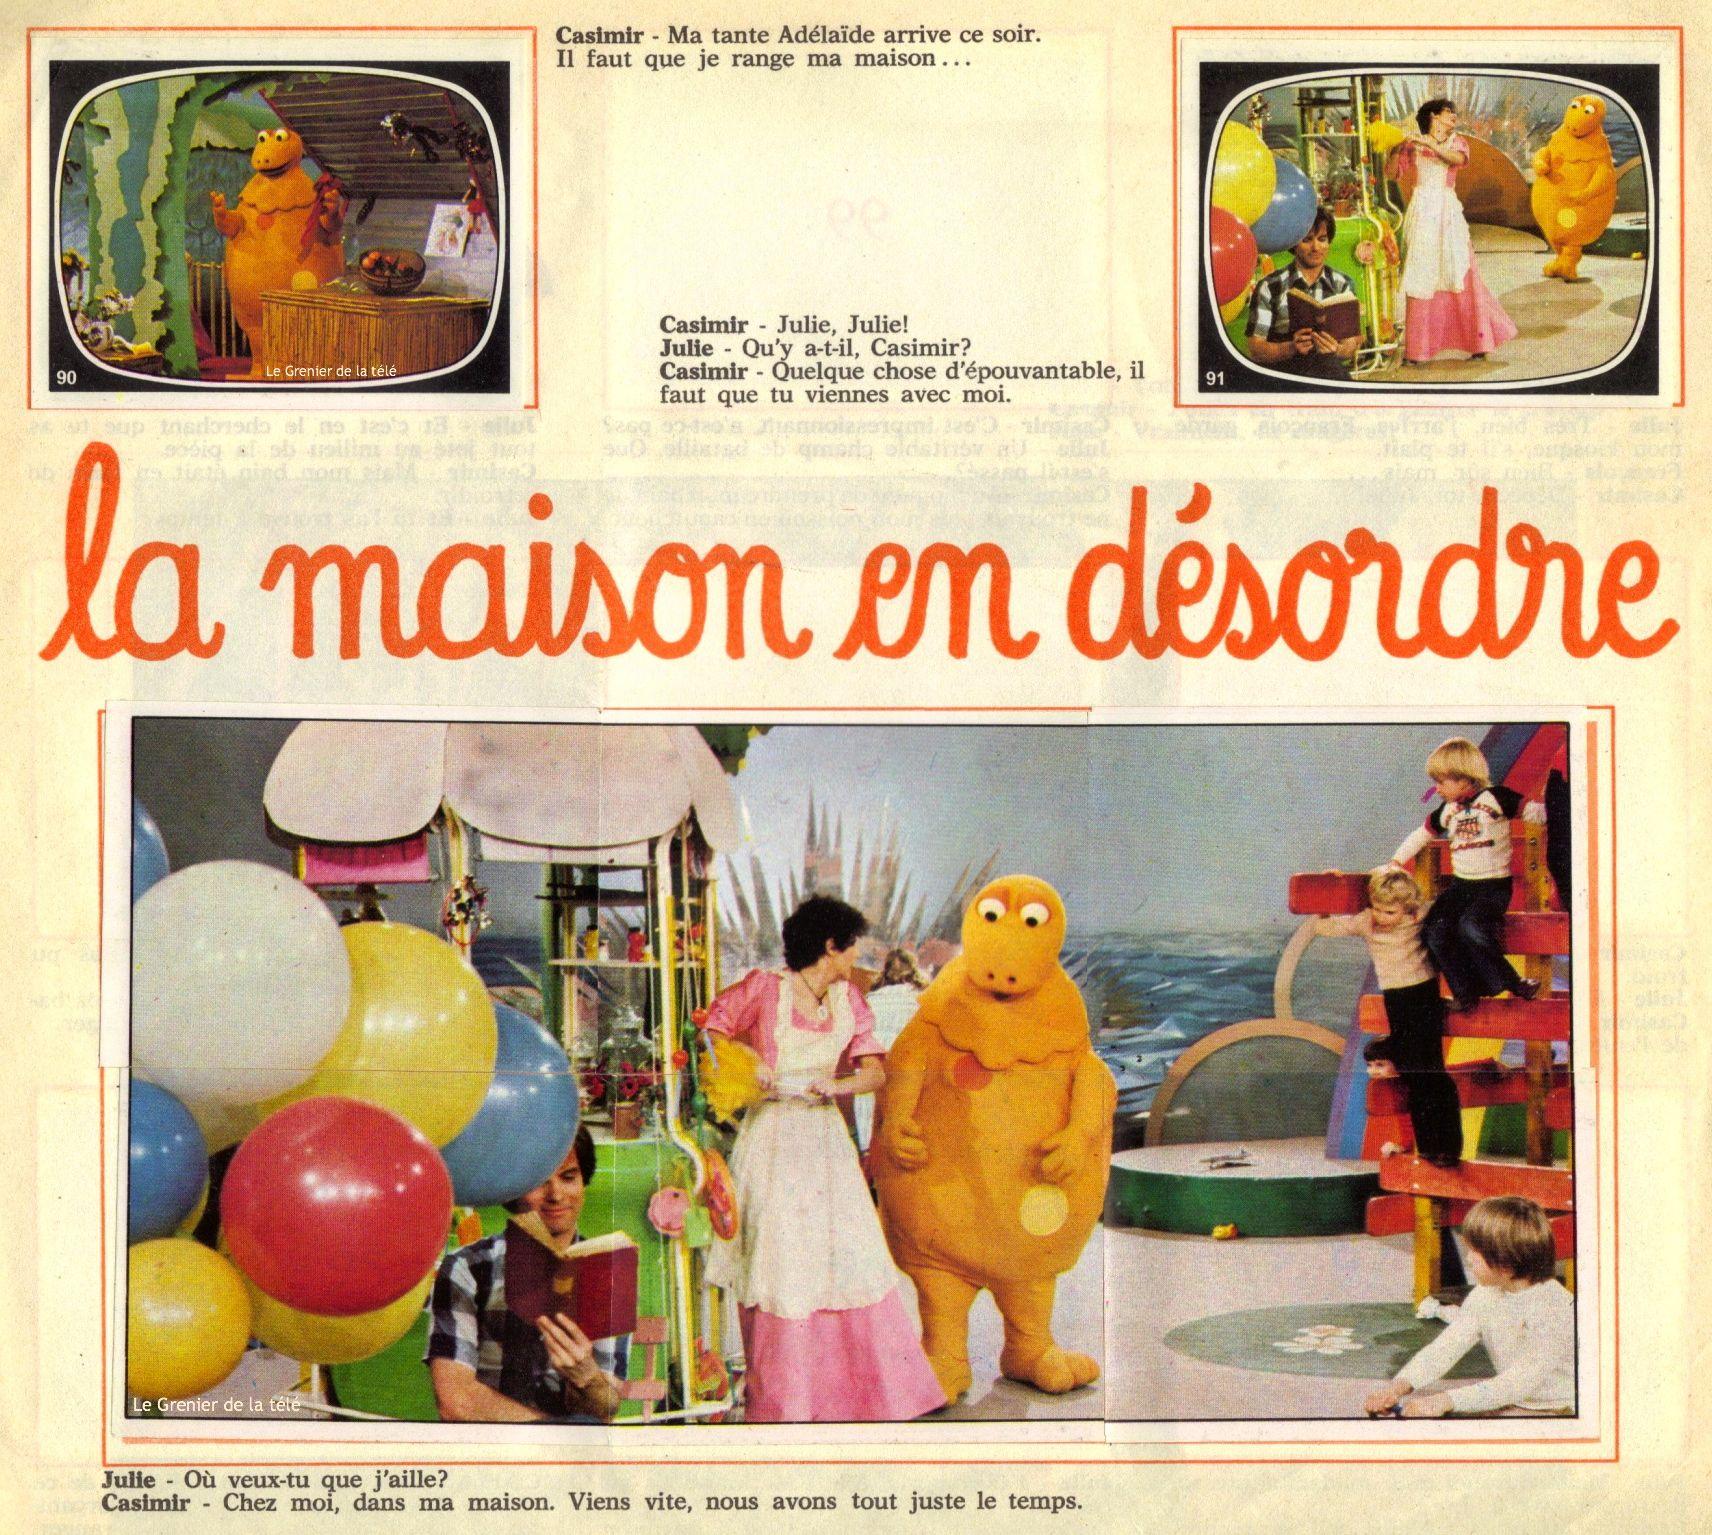 http://grenierdelatv.free.fr/2/casimirpanini15.jpg